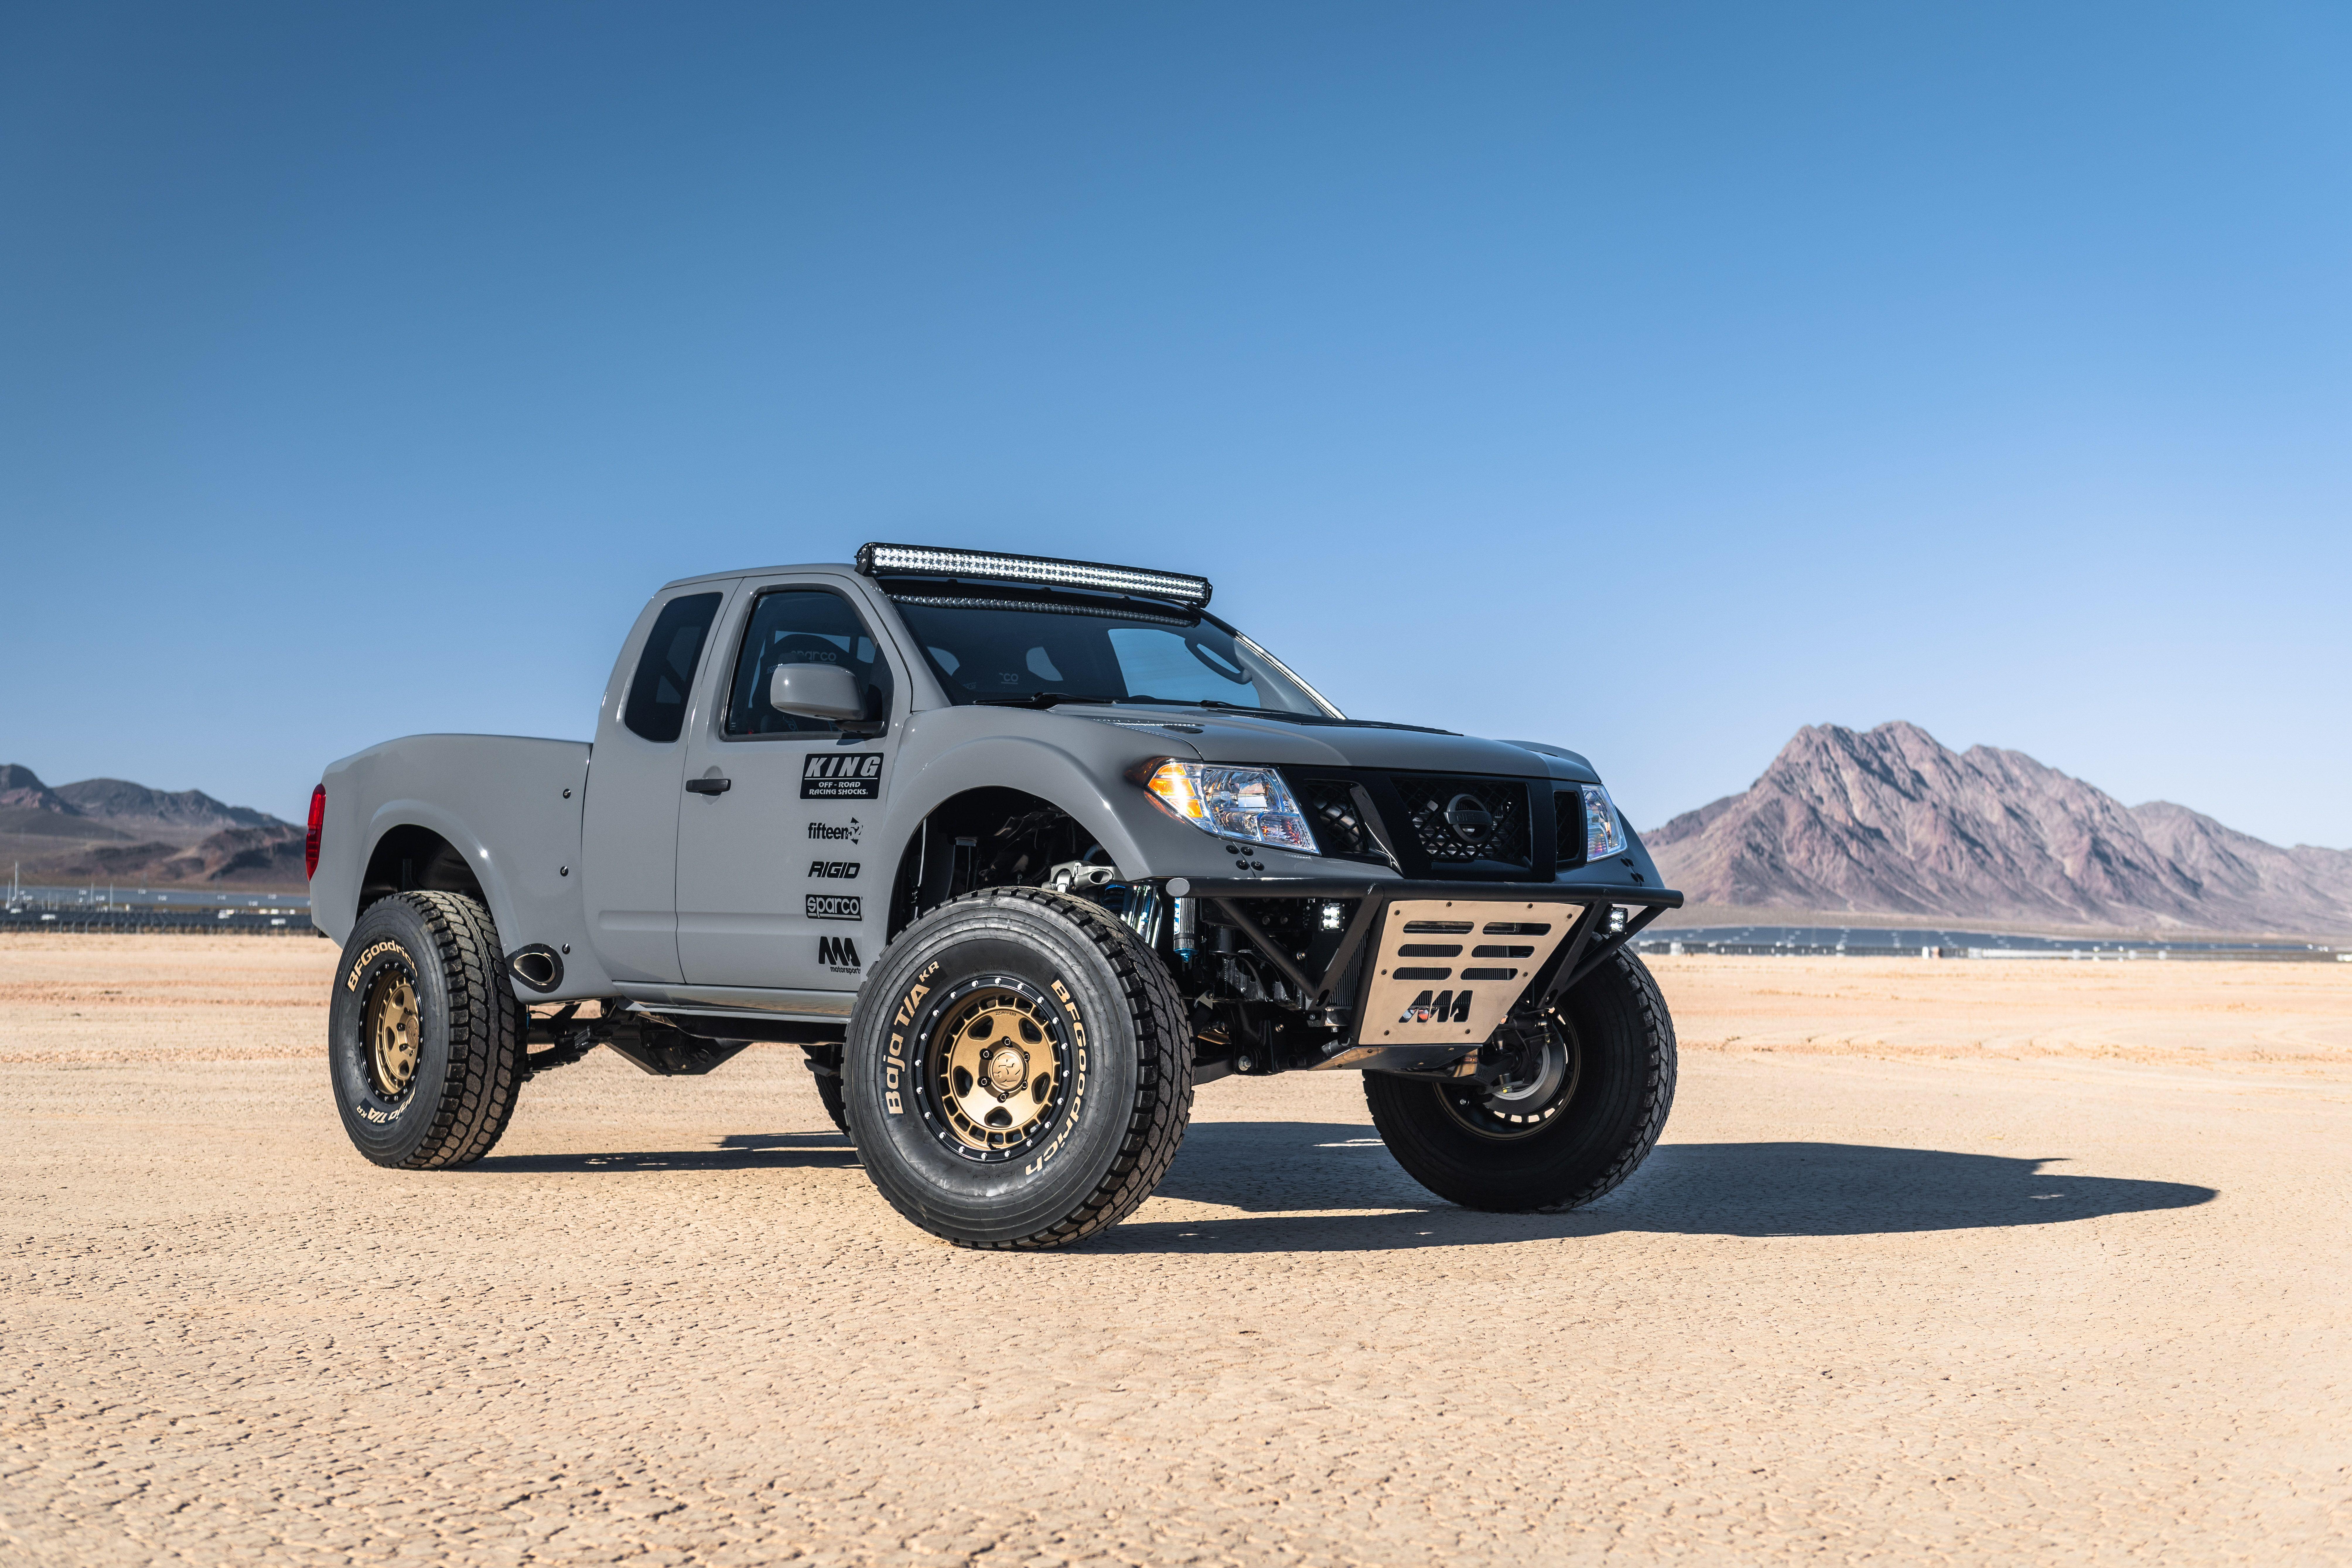 2019 Nissan Frontier Desert Runner Concept @ Top Speed